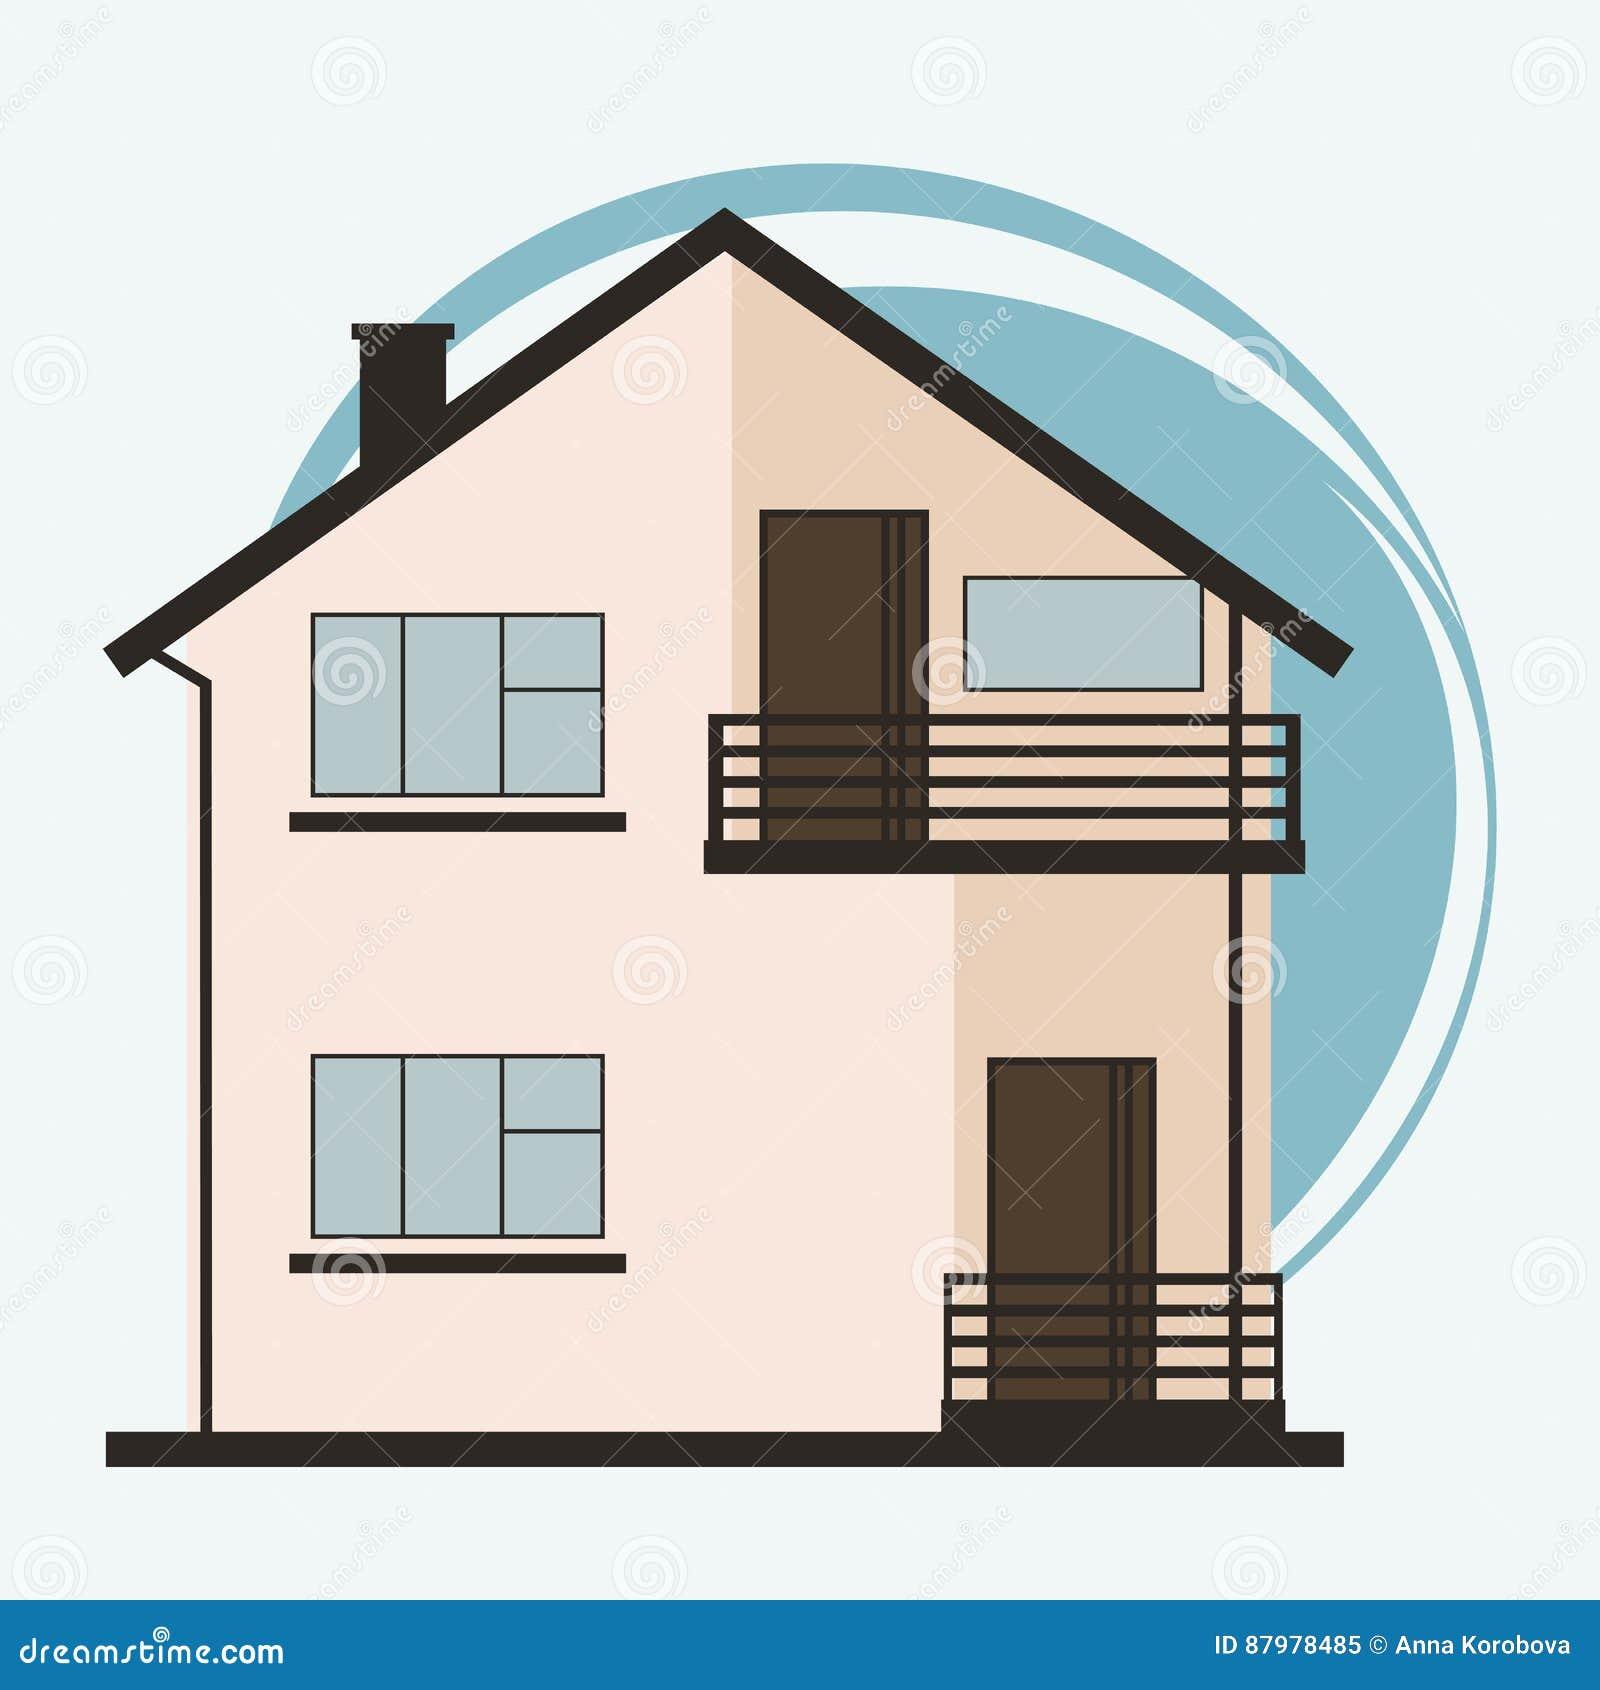 ilustração do vetor de casas coloridas dos desenhos animados bonitos